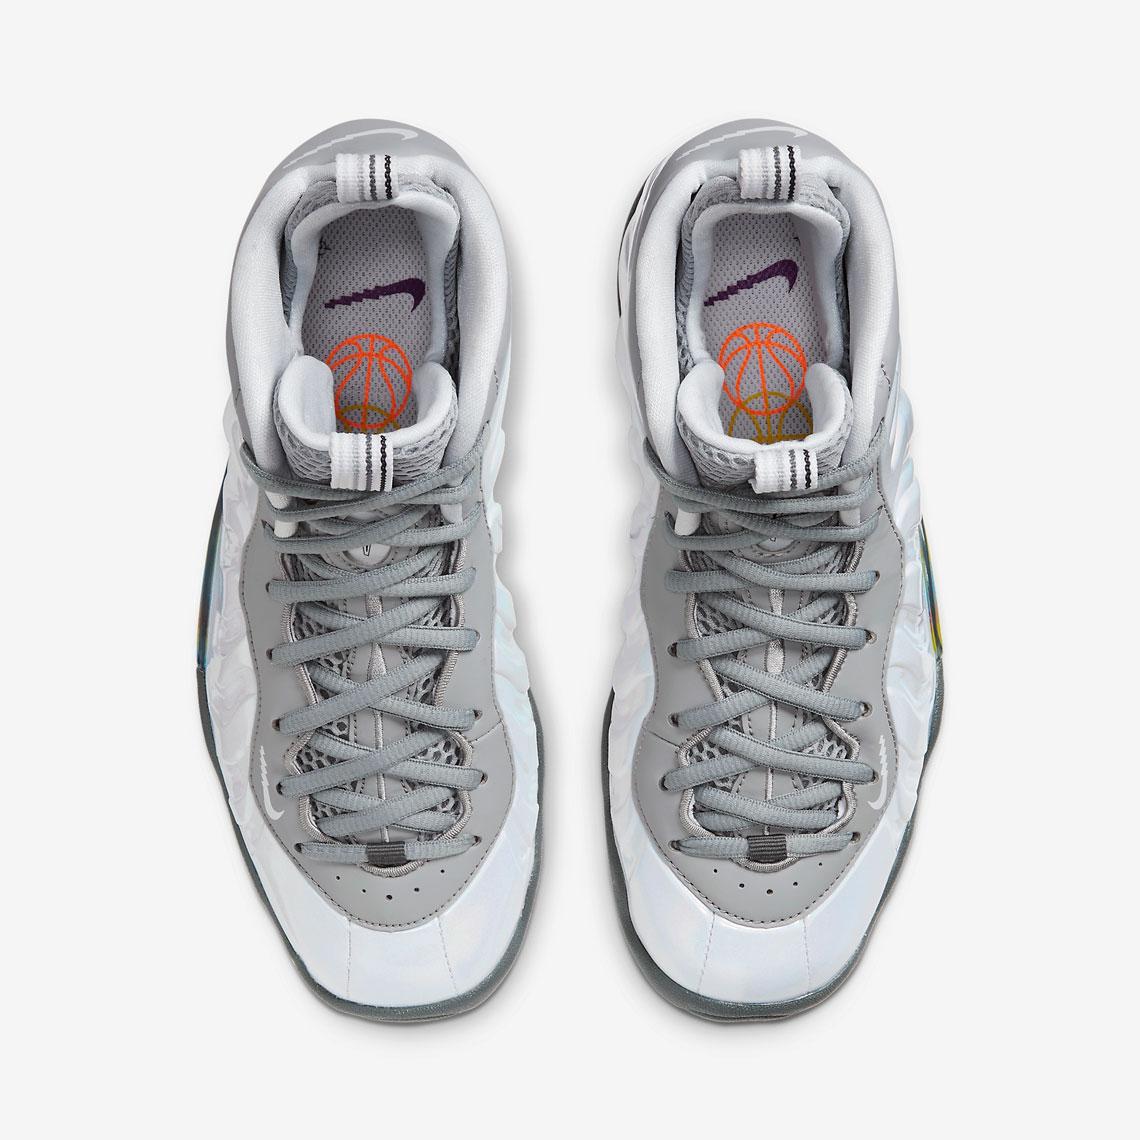 2017 Copper Nike Foamposite One vs. 2010 Comparison